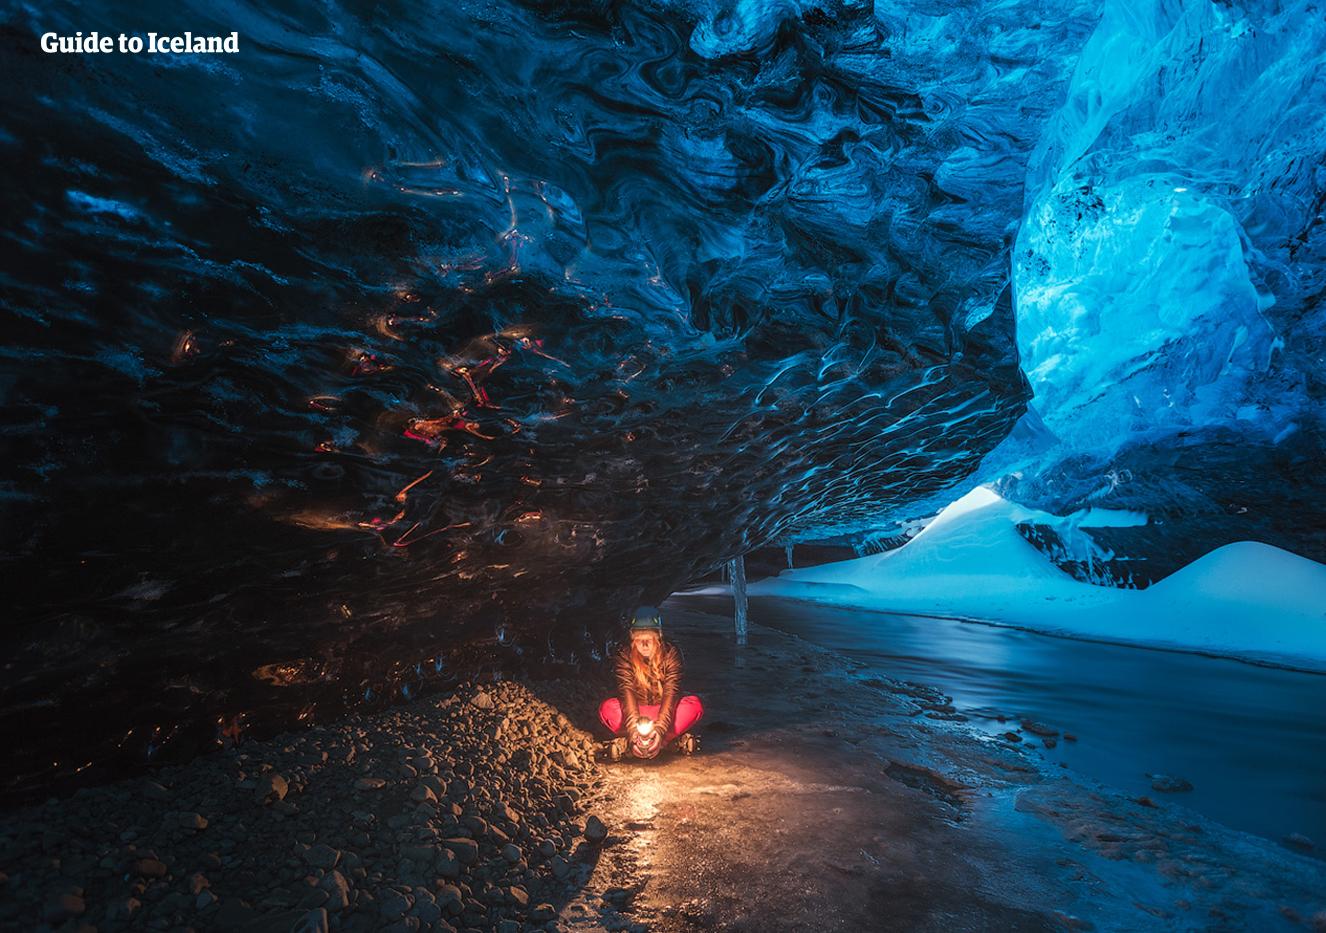 5-dages vinterpakke   Den Gyldne Cirkel, isgrotte, nordlys og Den Blå Lagune